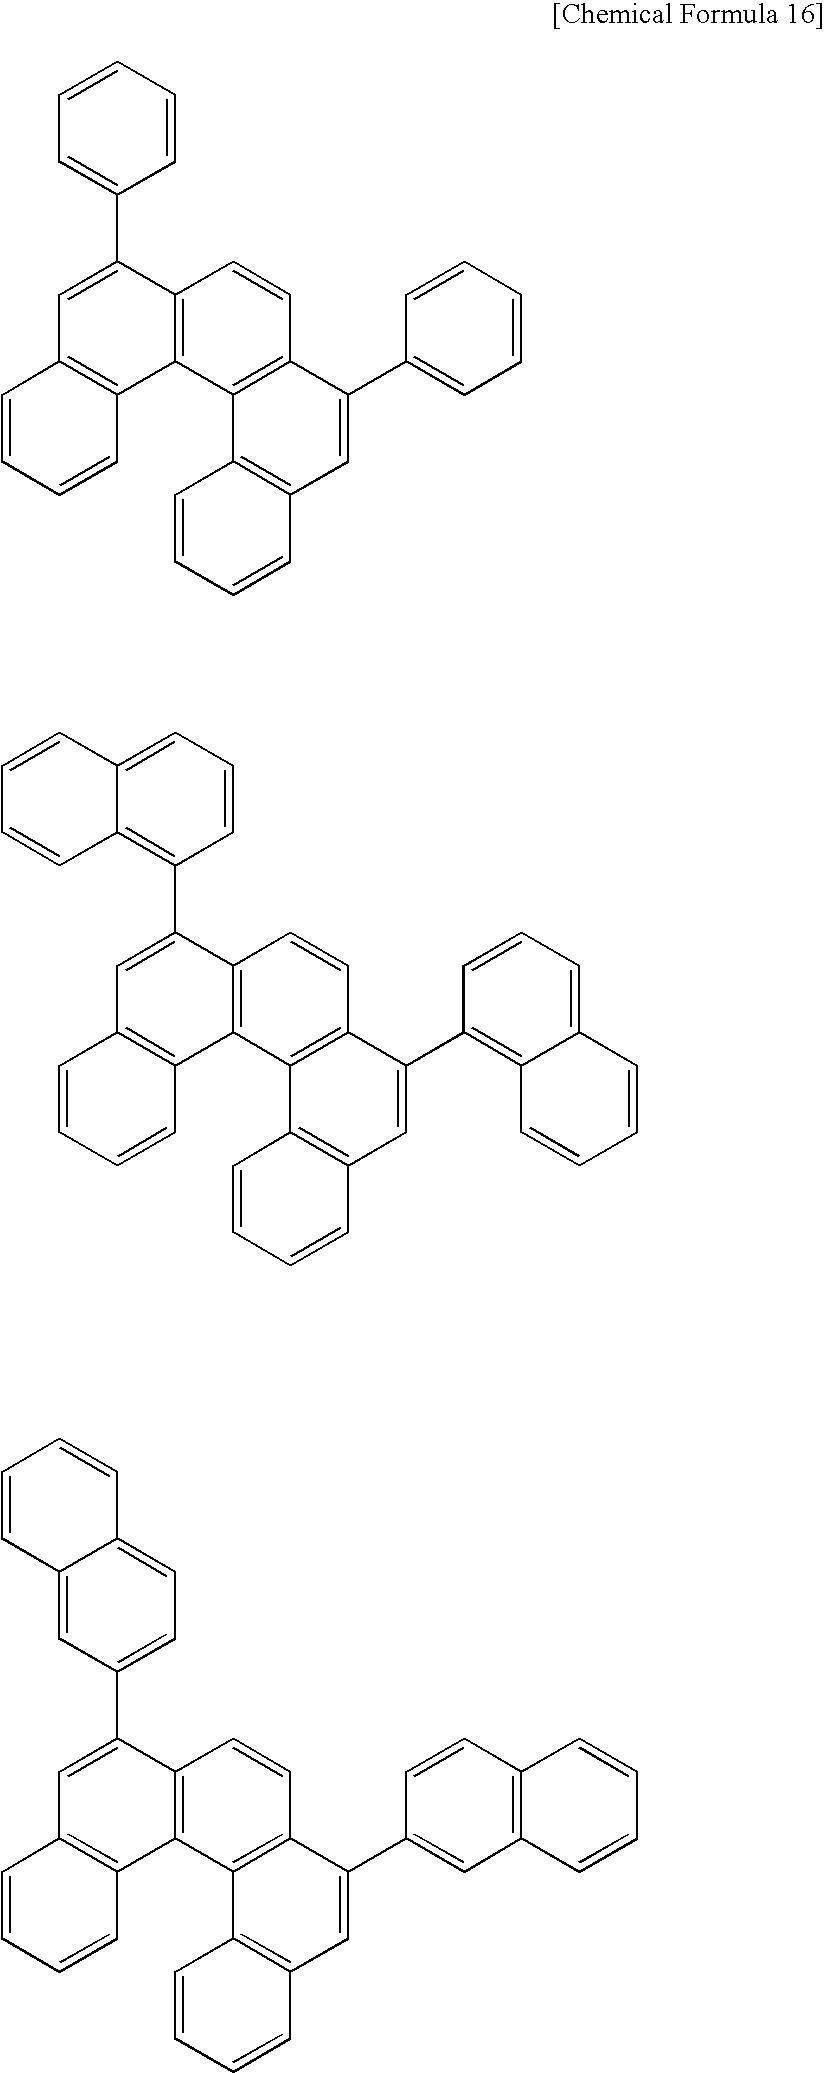 Figure US20100171109A1-20100708-C00026